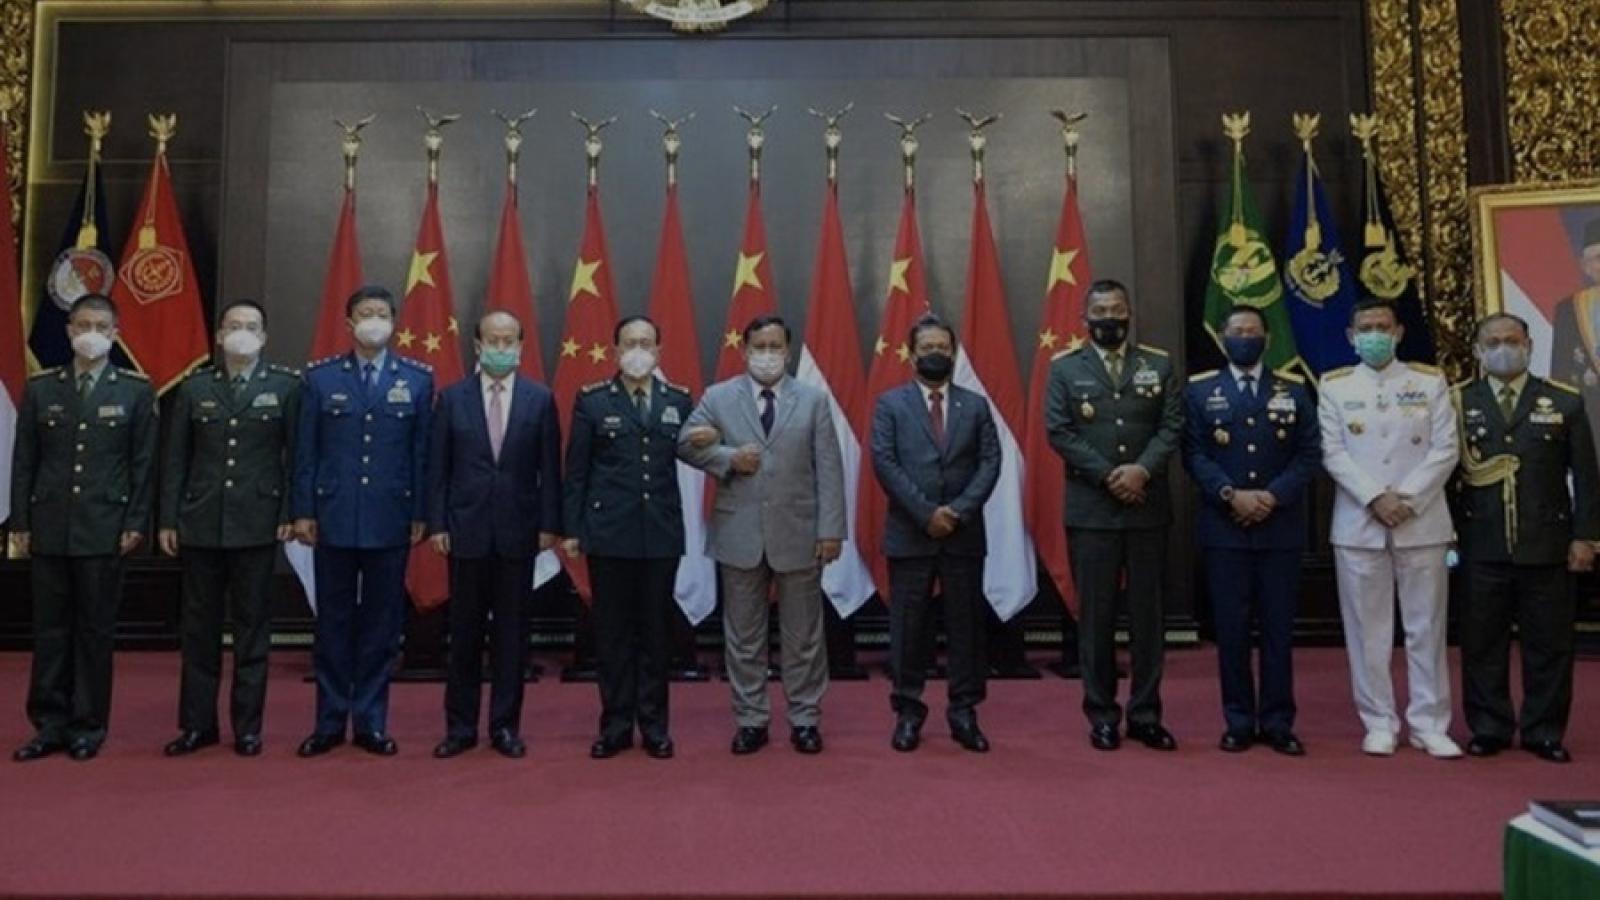 Mỹ-Trung Quốc cạnh tranh vận động,Indonesia duy trì chính sách trung lập